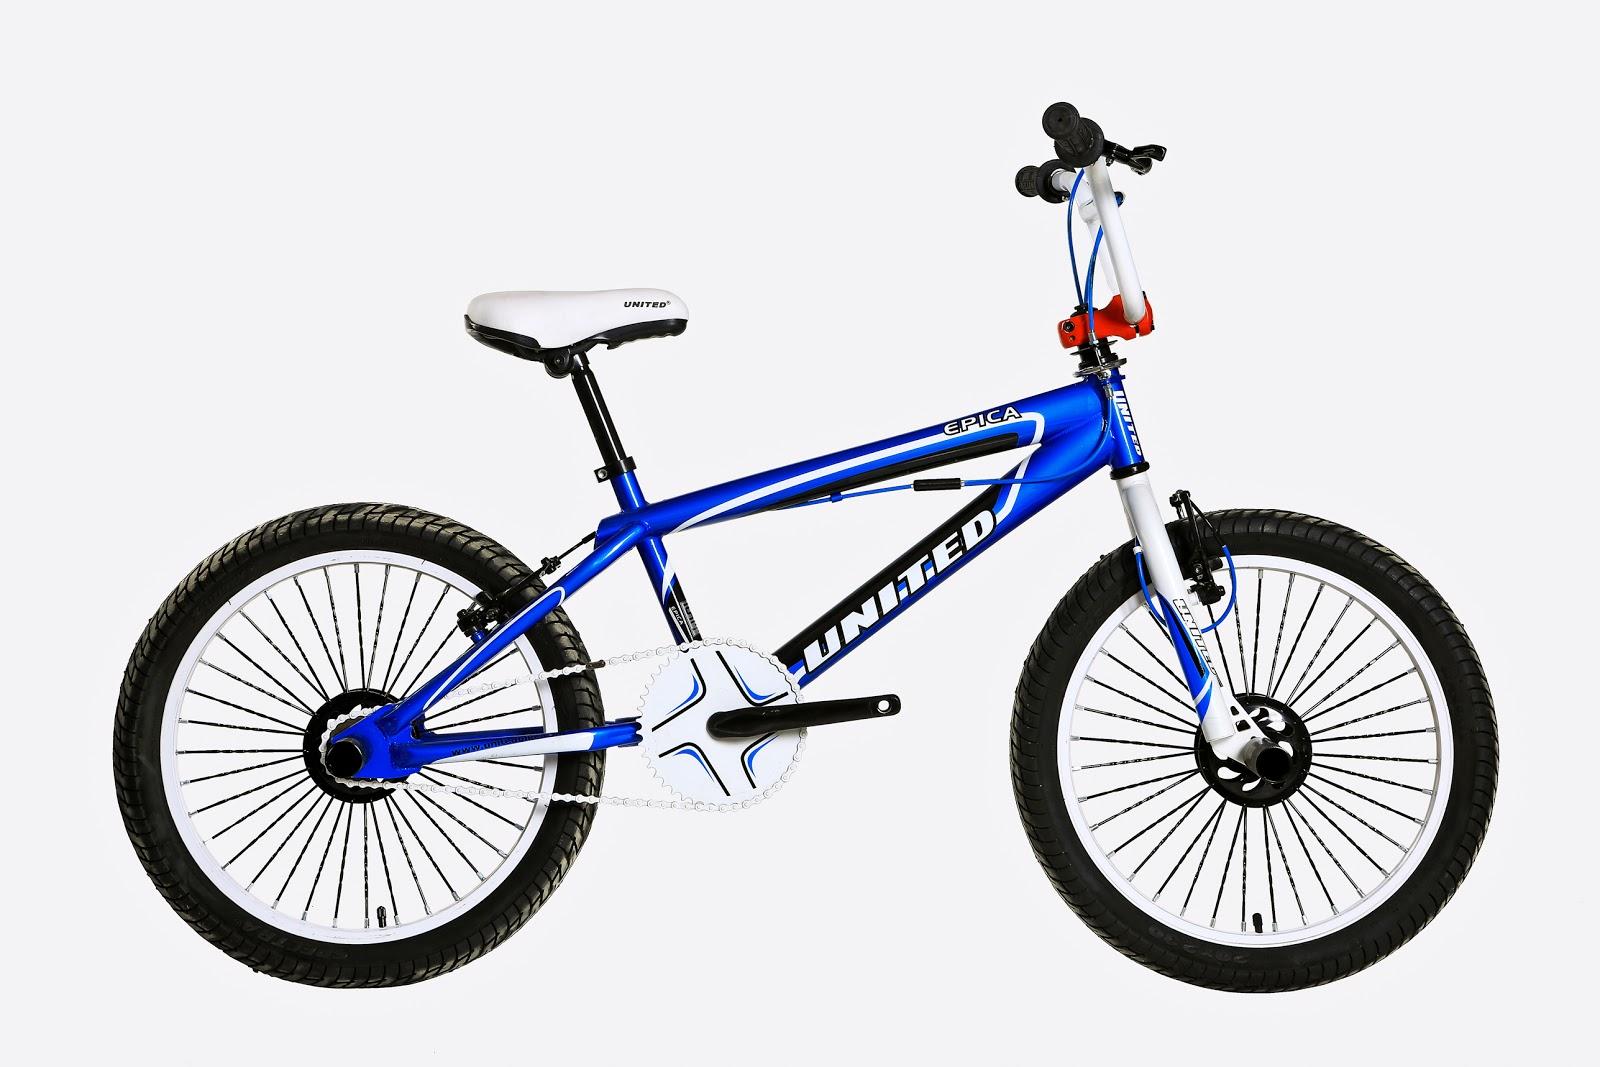 Daftar Harga Sepeda BMX Murah Terbaru